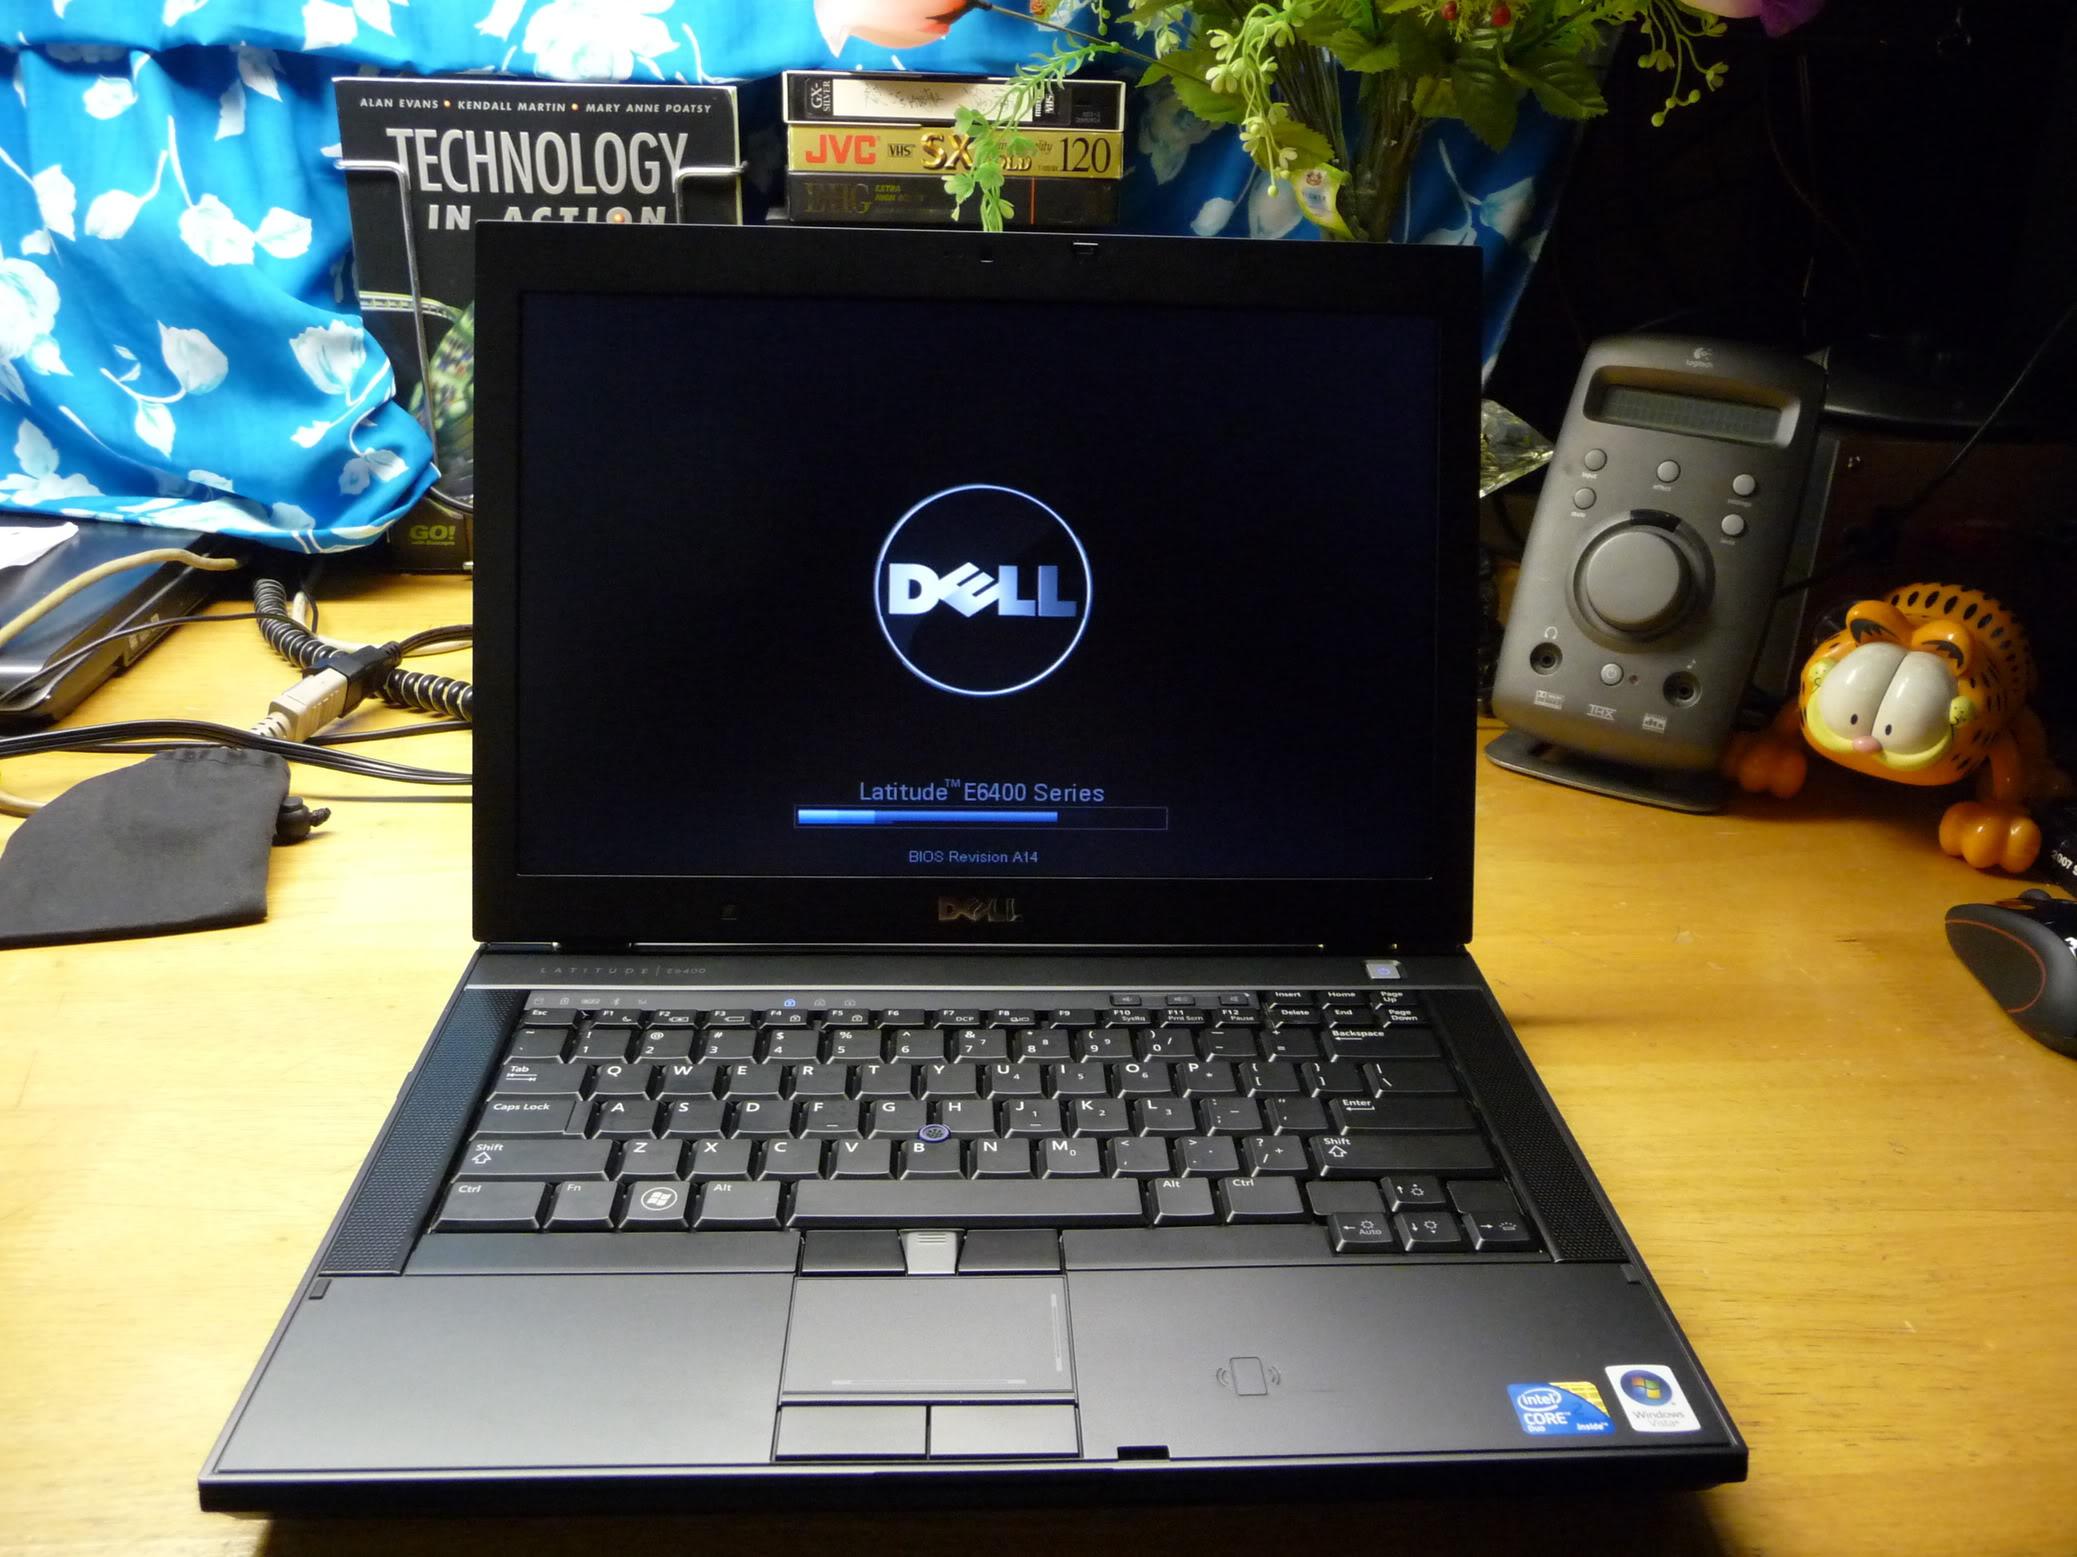 Dell Latitude E6400 Heatsink For Sale